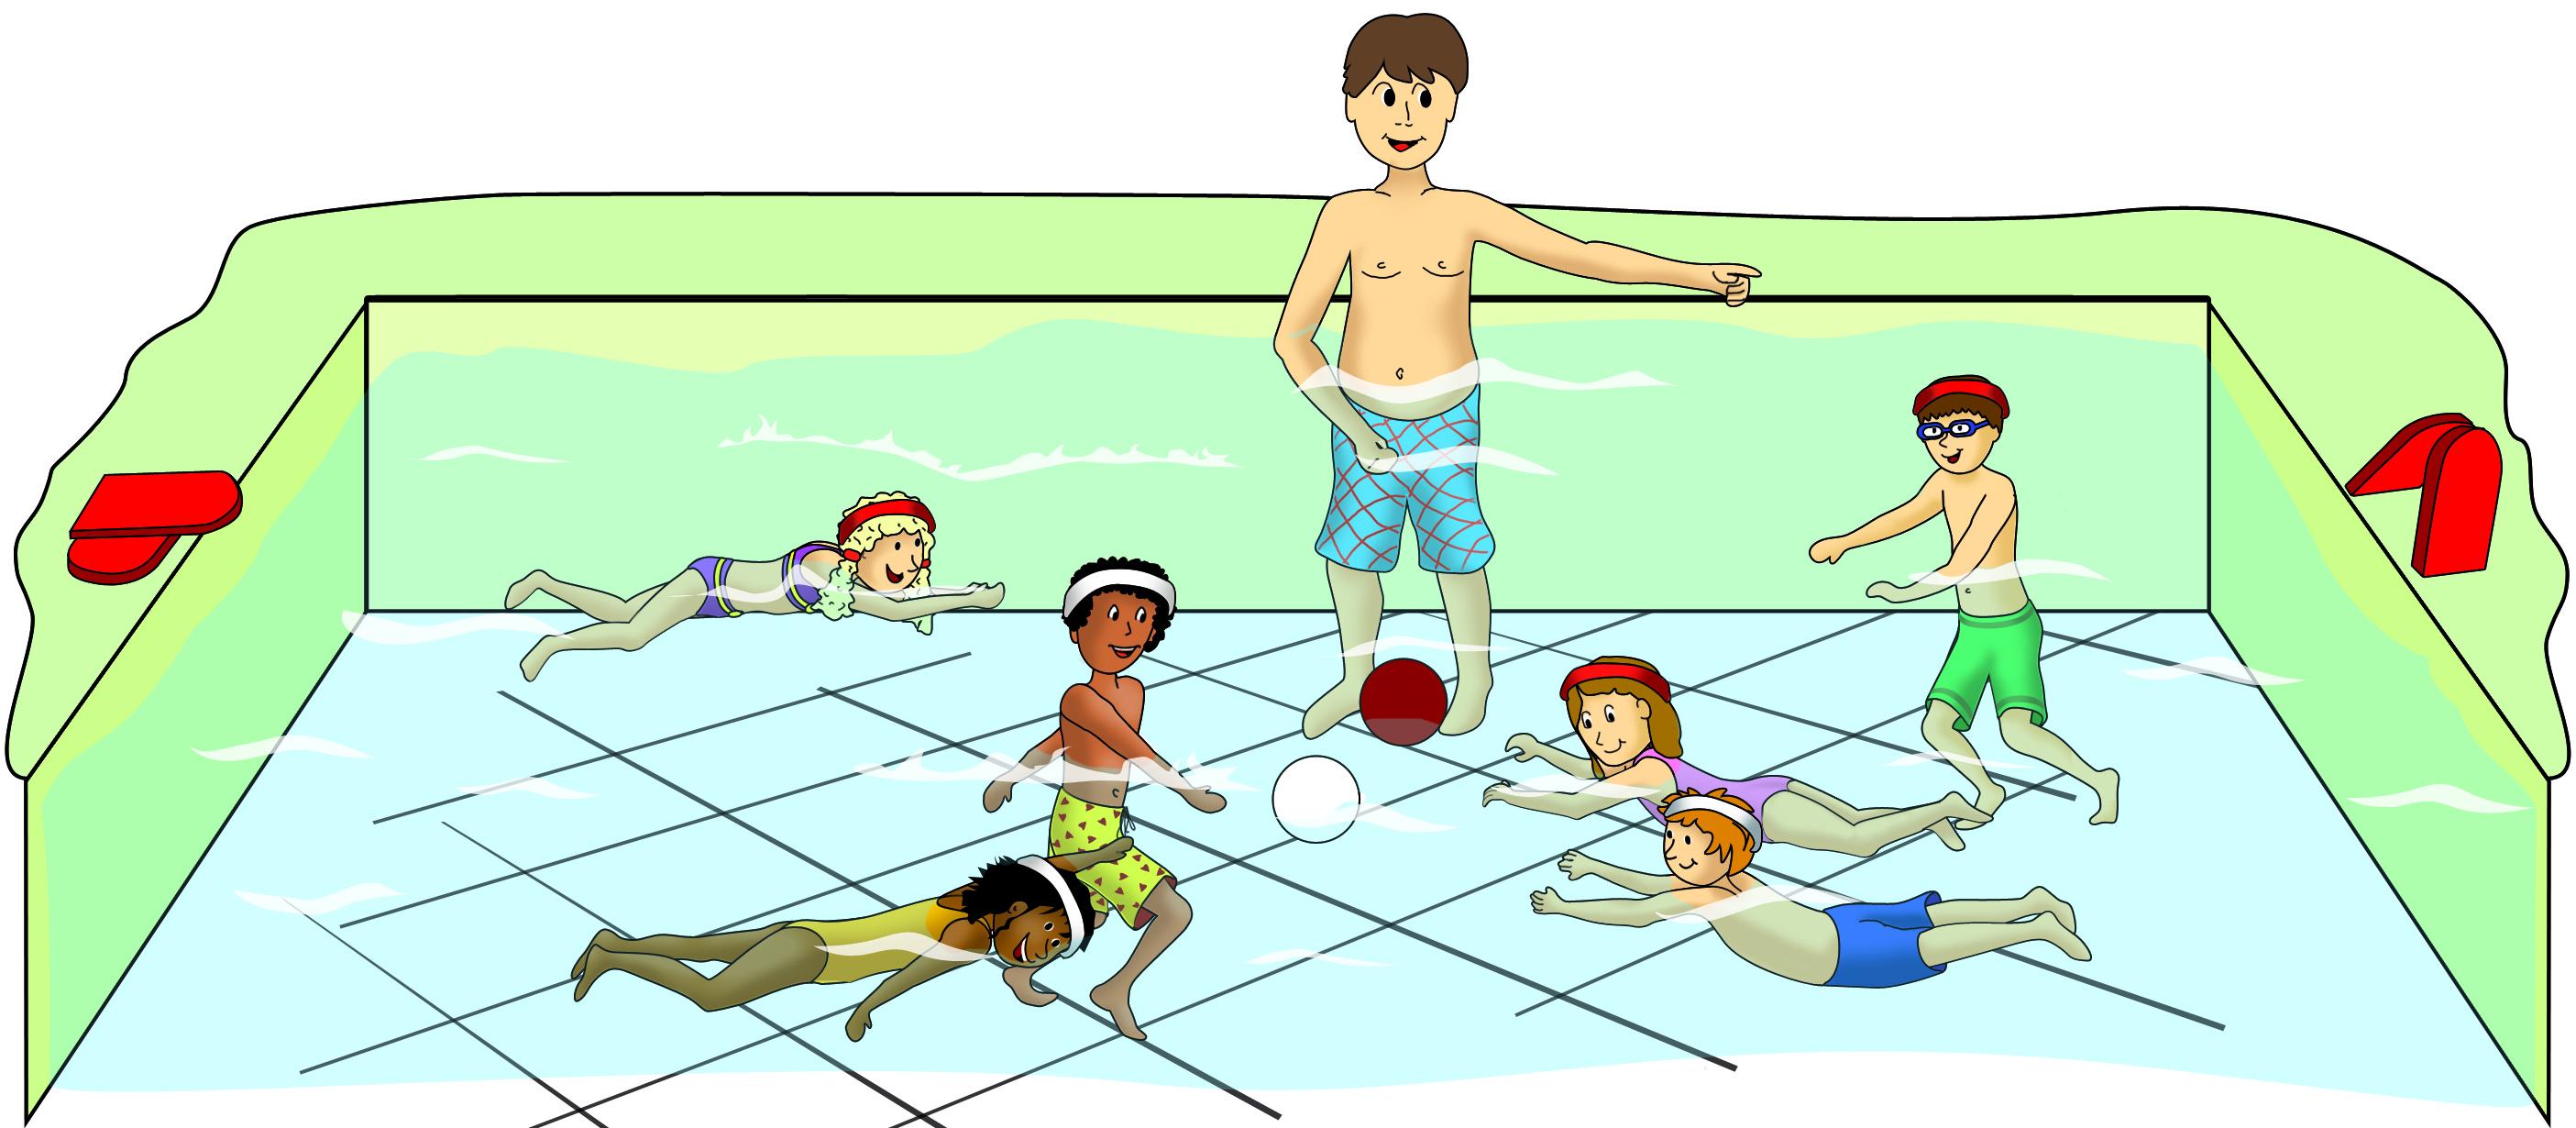 schwimmspiele für schwimmer